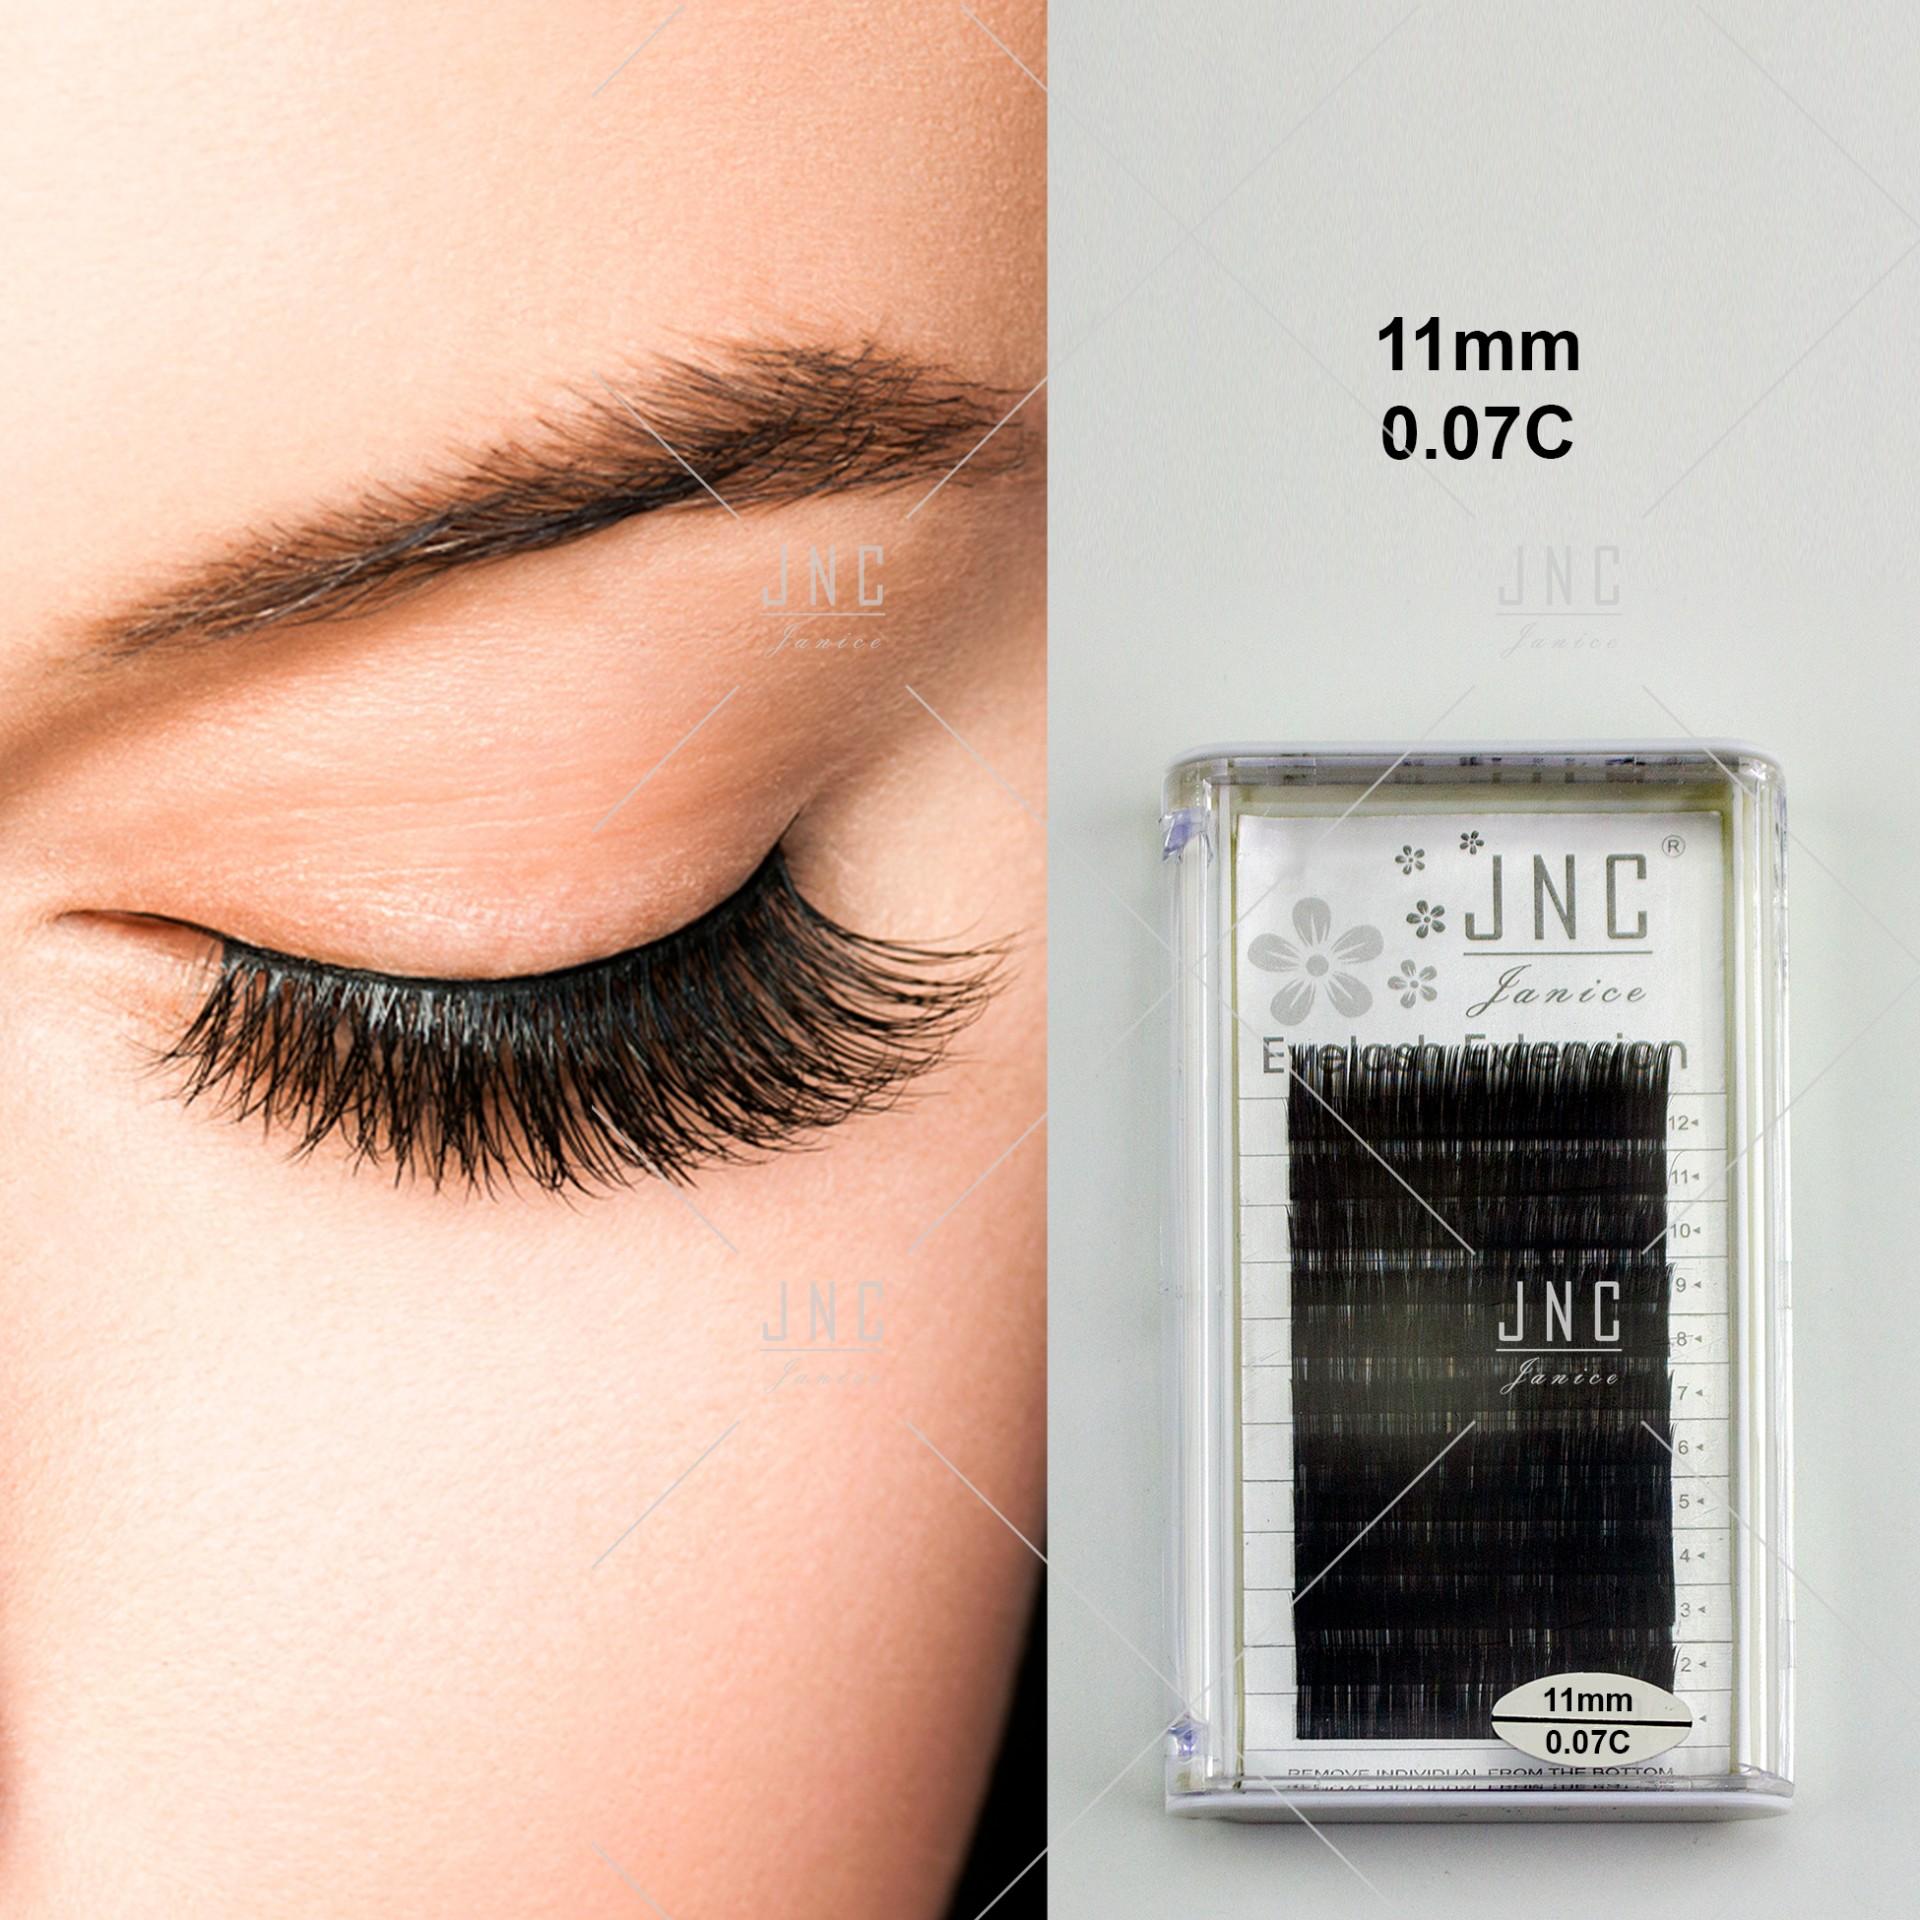 Extensão de Pestanas JNC   0.07C - 11mm   Ref.861265